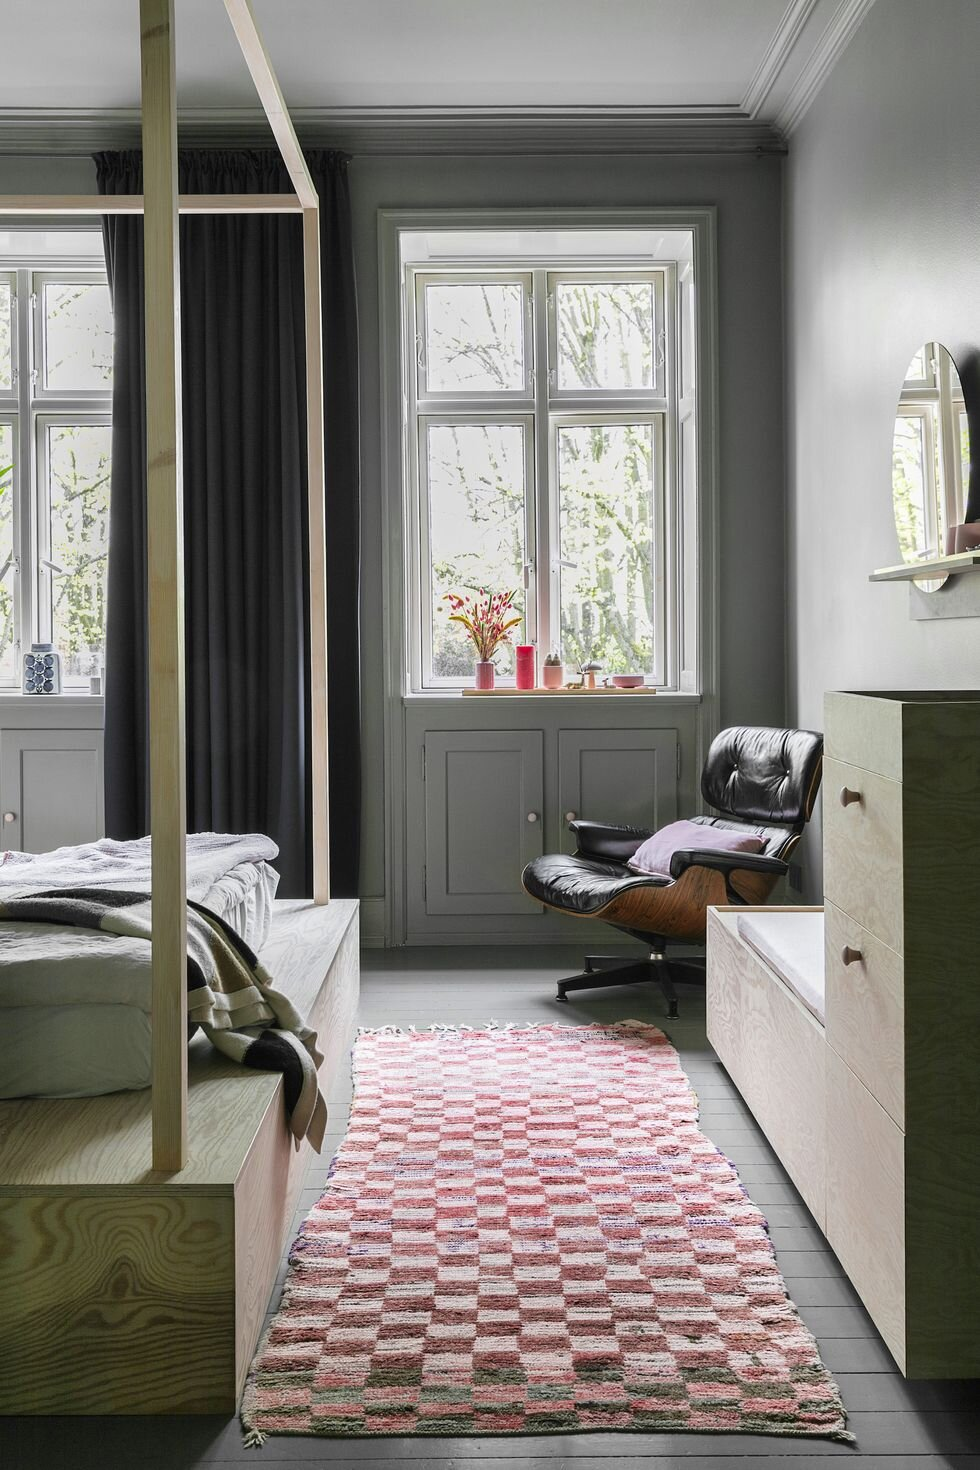 独特的粉红色和灰色斯堪的纳维亚家庭住宅-The Nordroom